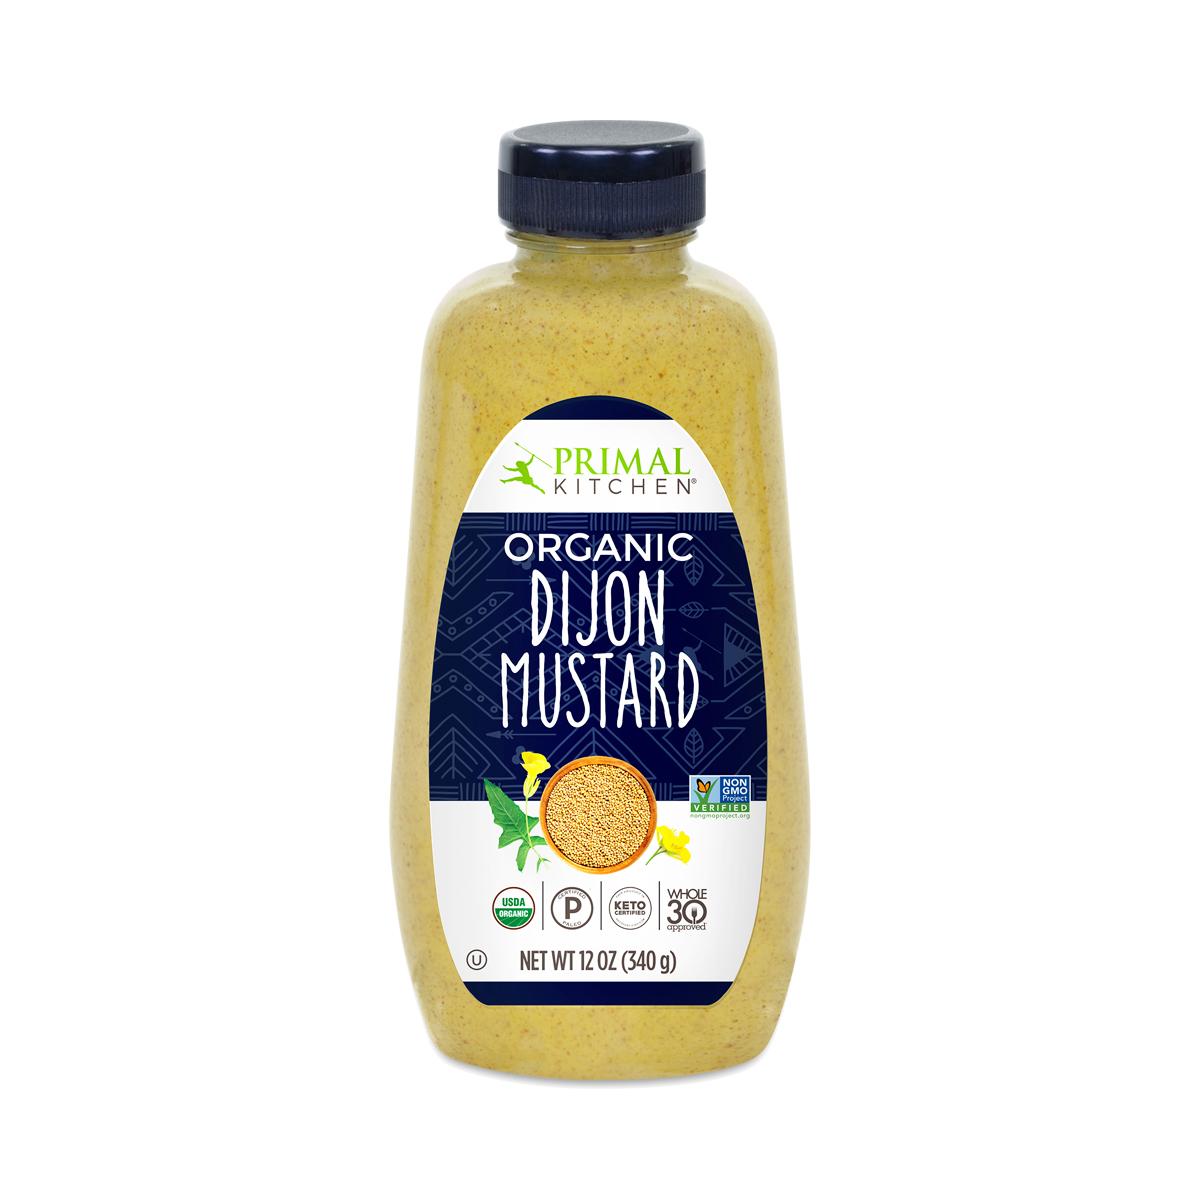 Primal Kitchen Organic Dijon Mustard 12 oz bottle